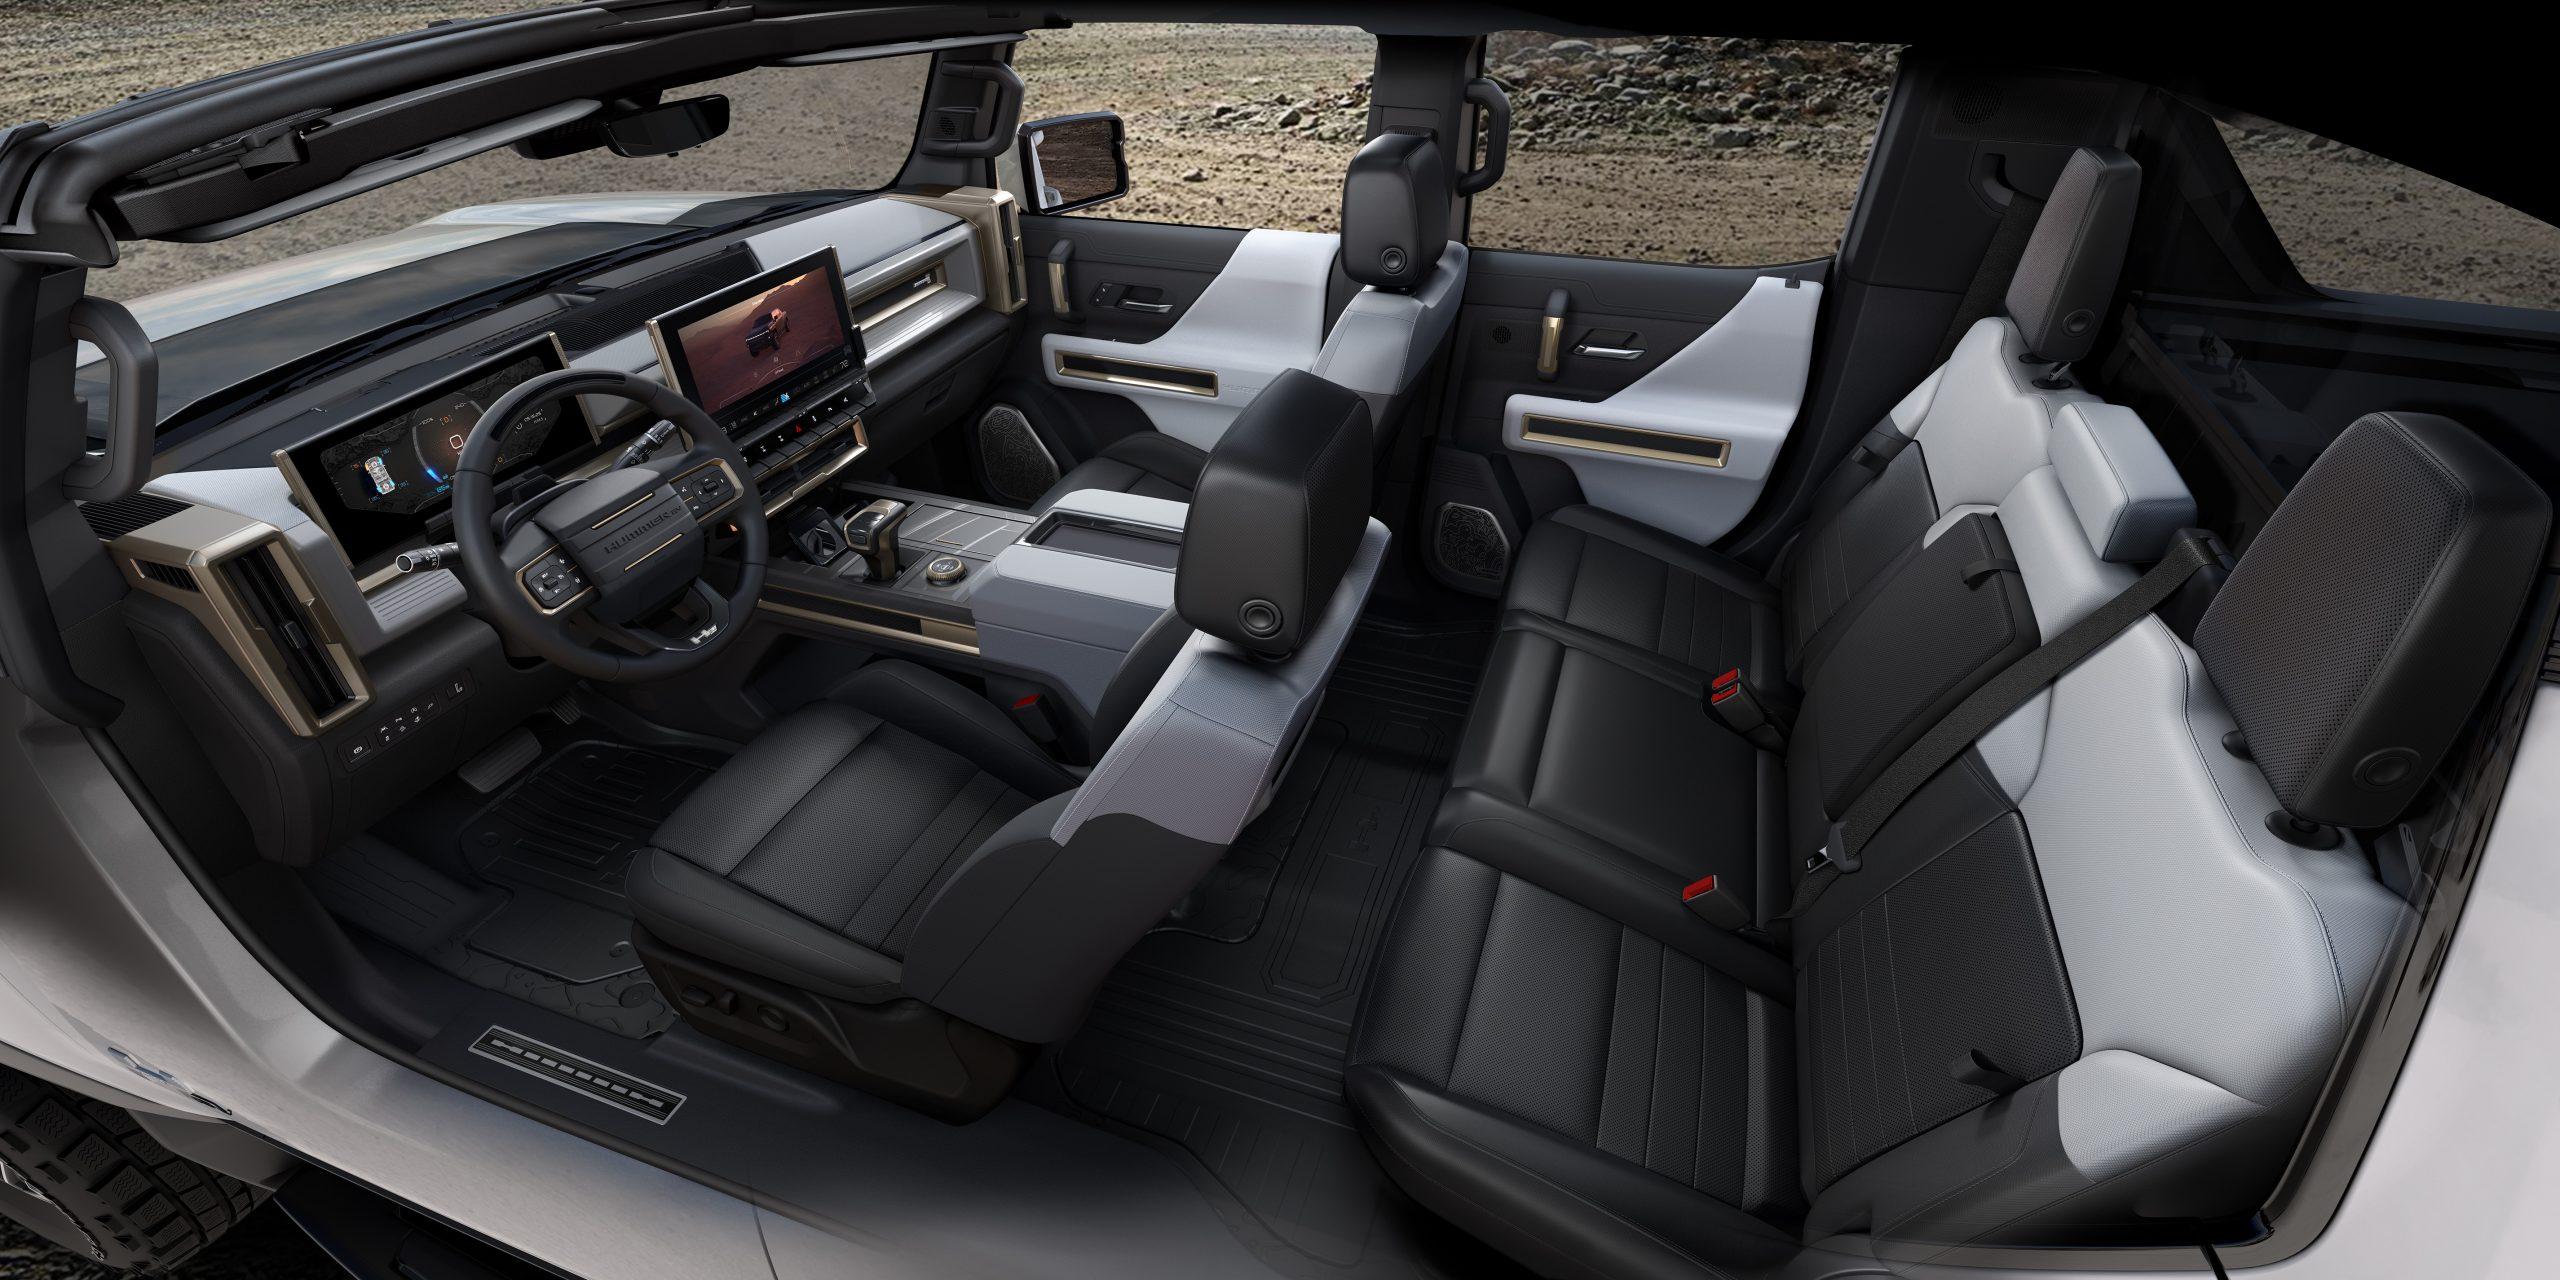 2022 Hummer EV interior